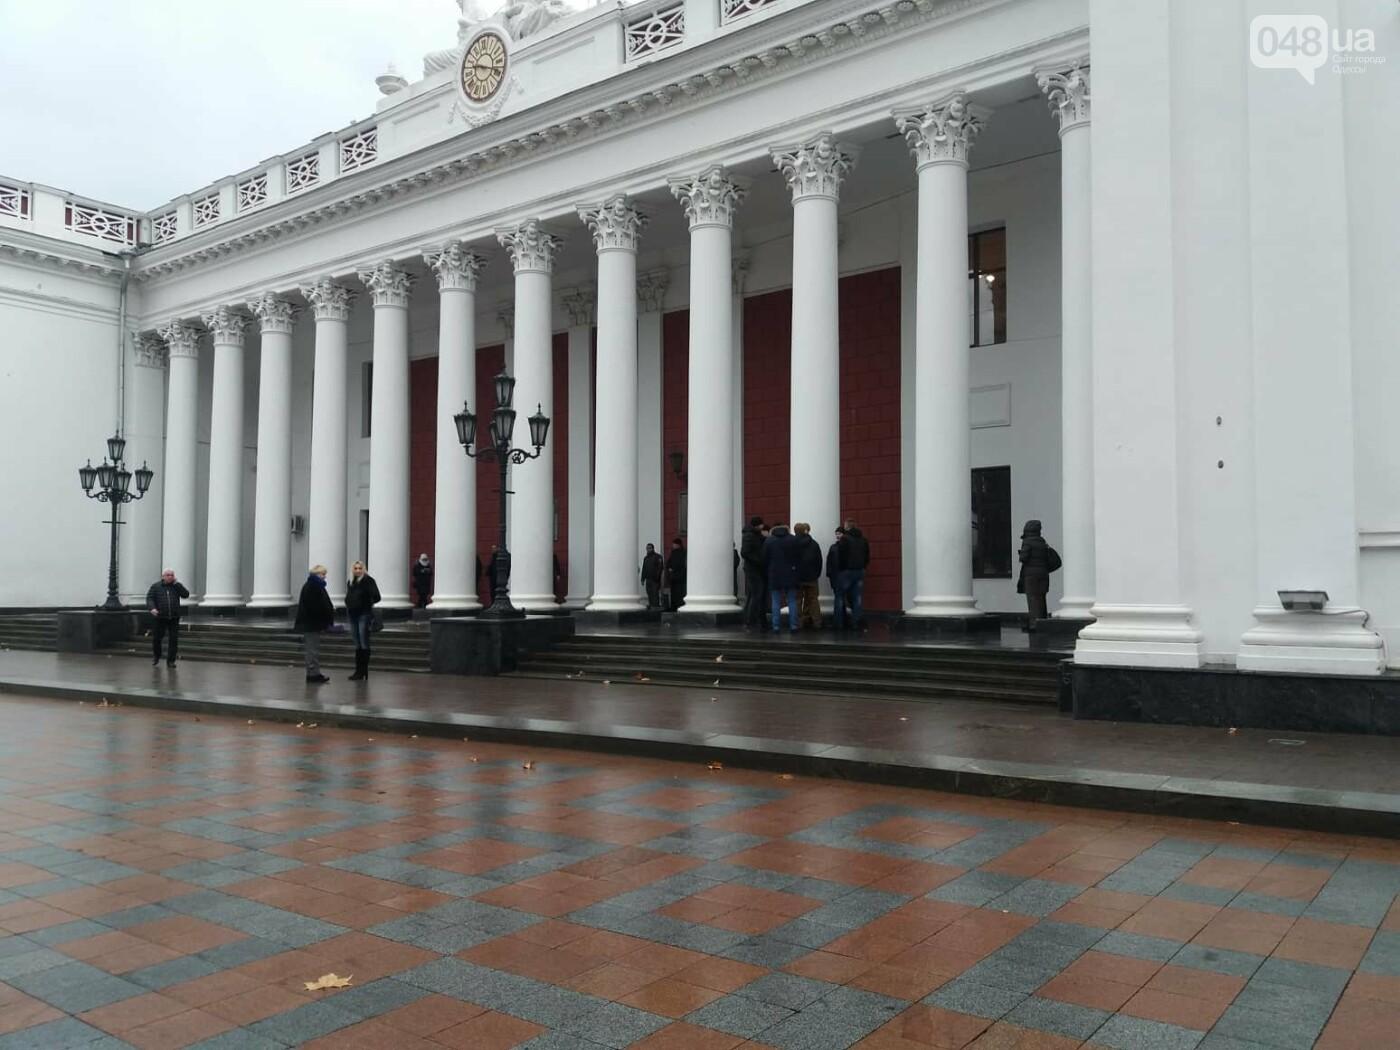 В Одессе началась сессия городского совета, - ФОТО, фото-1, Фото